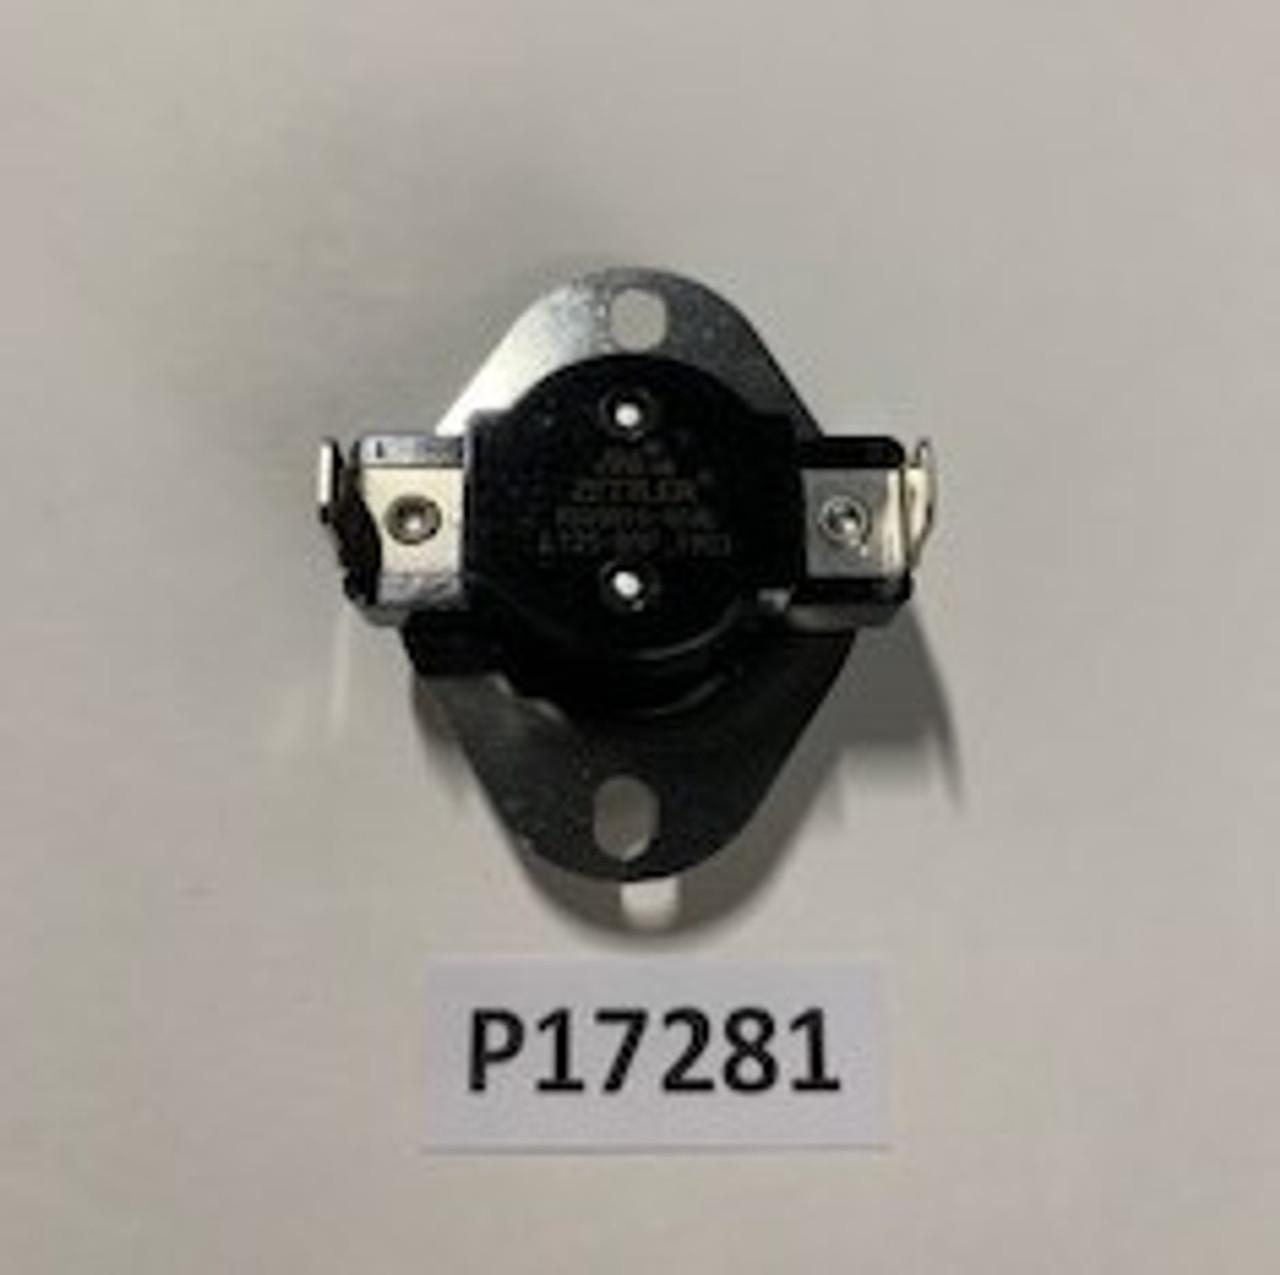 Switch, Limit 125 EXP .38 ALS, Aaon, P17281